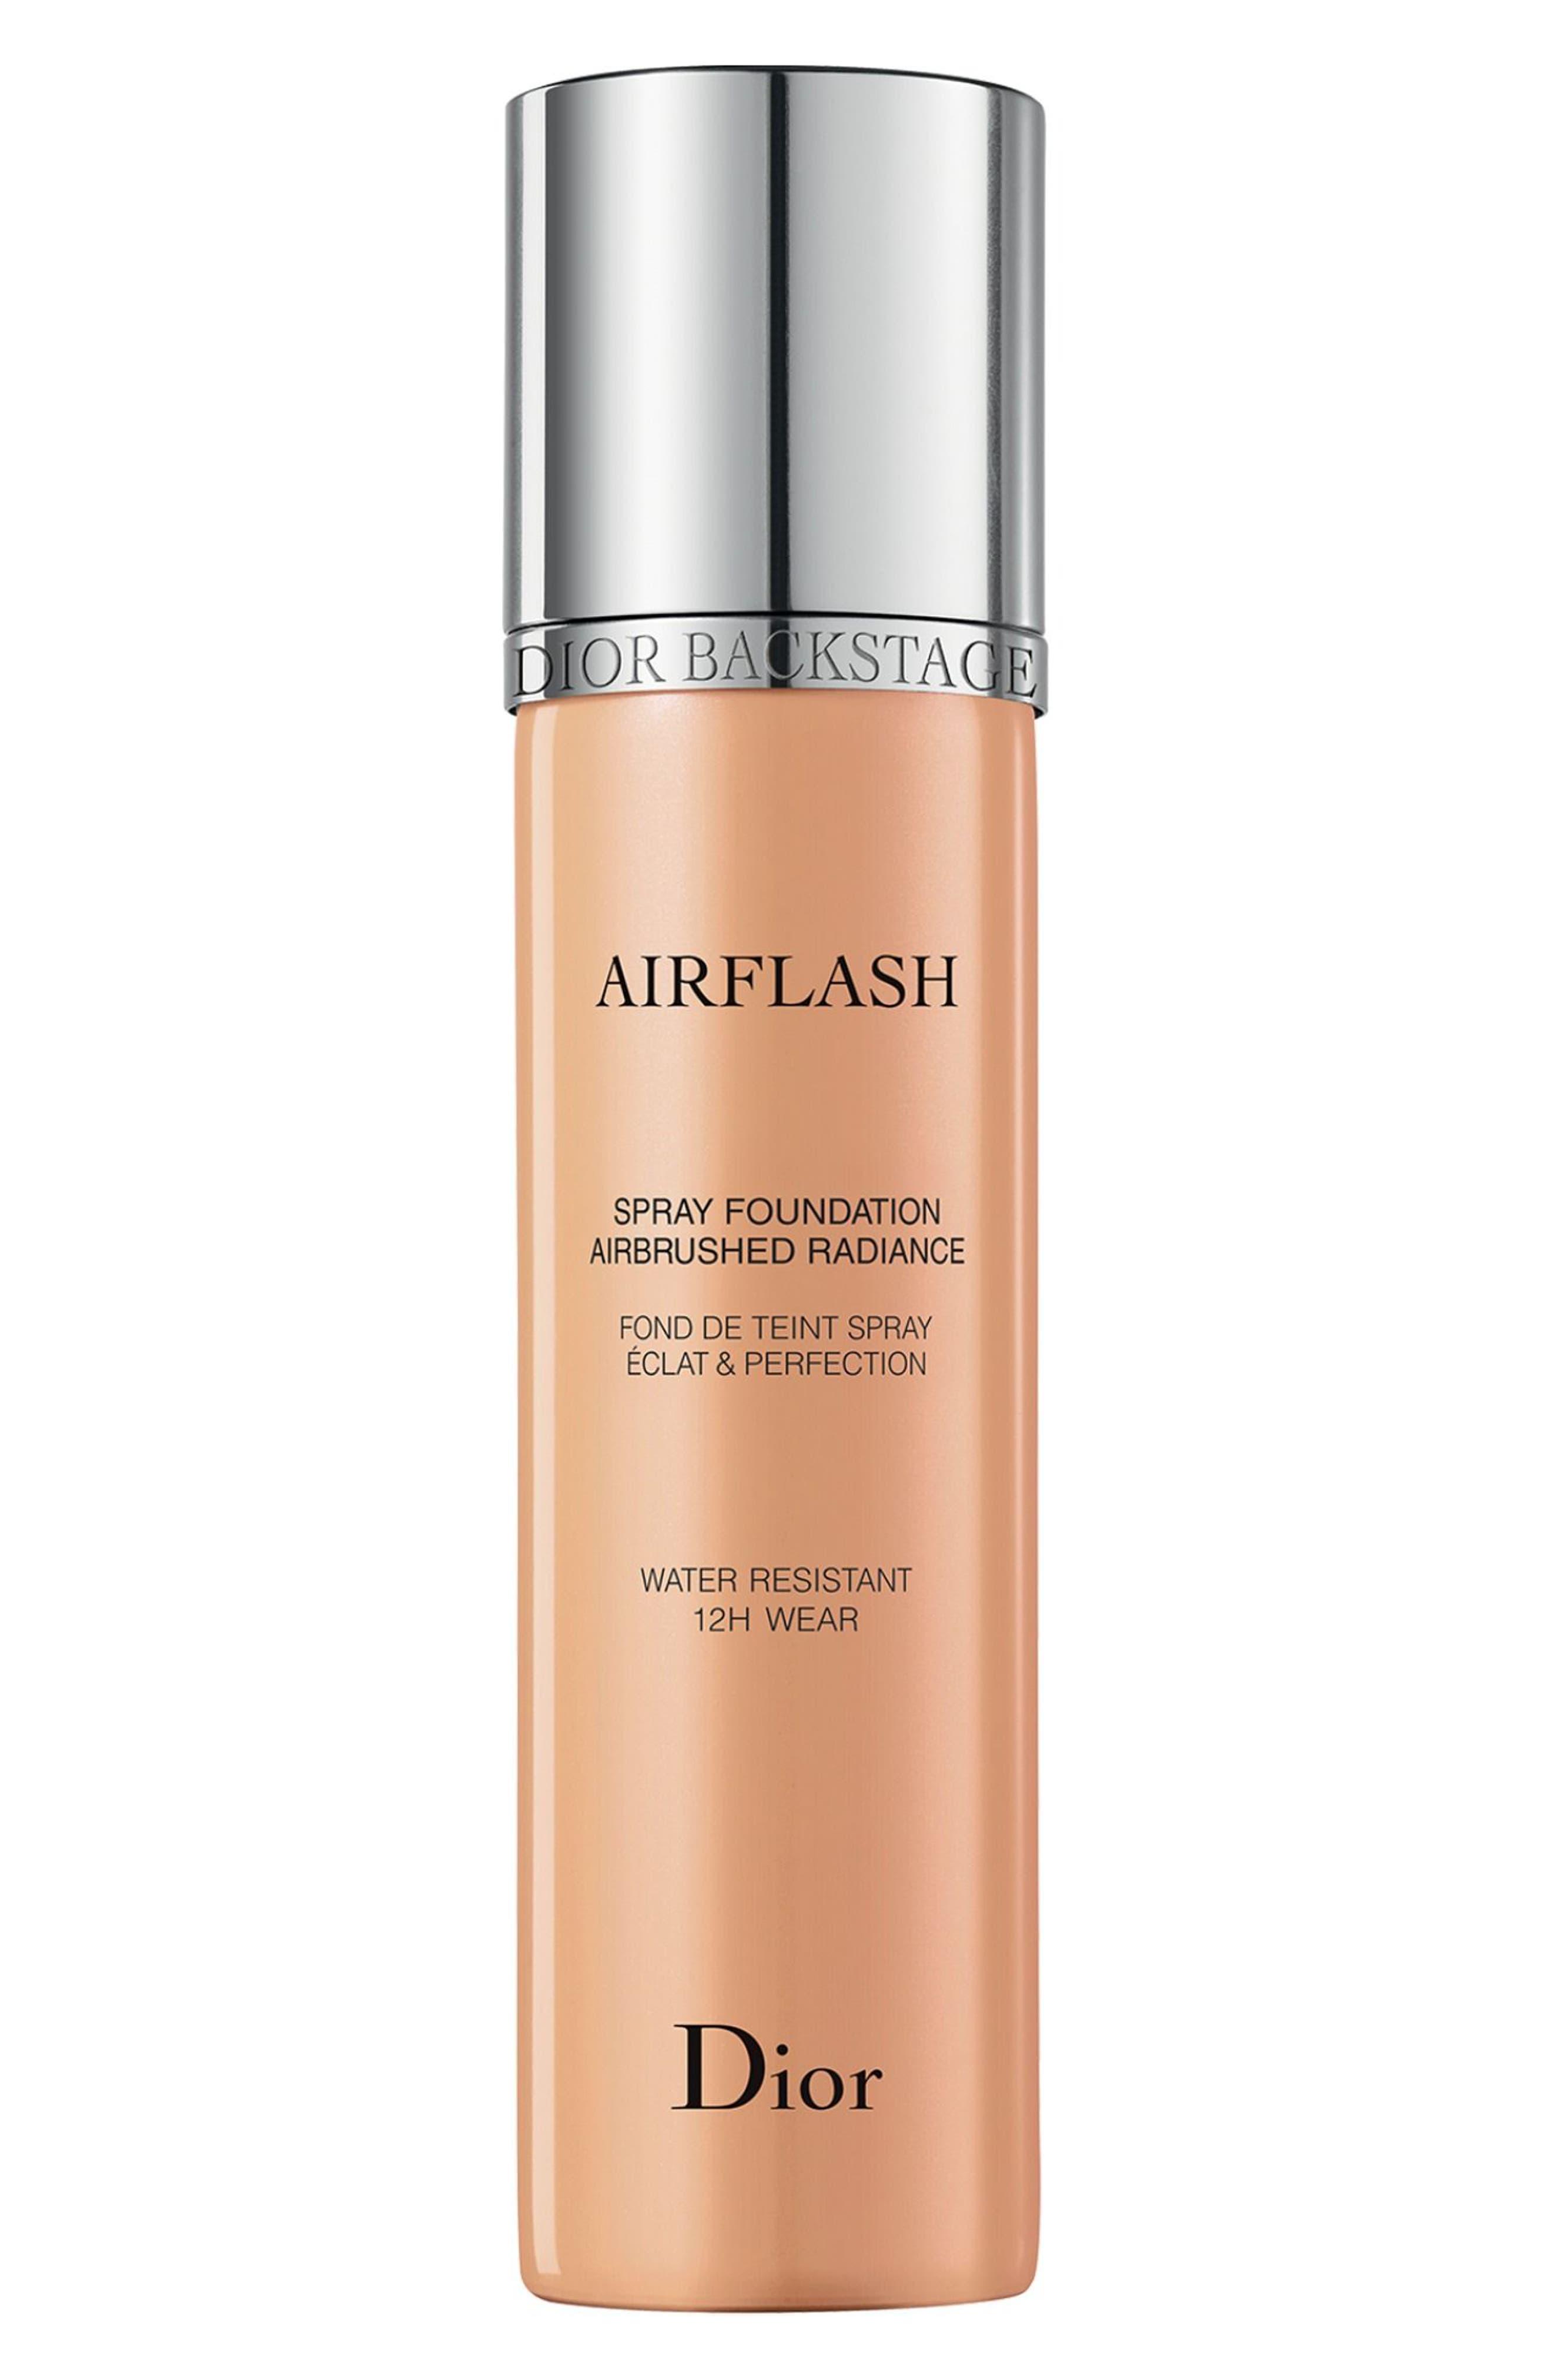 Dior Diorskin Airflash Spray Foundation - 300 Medium Beige